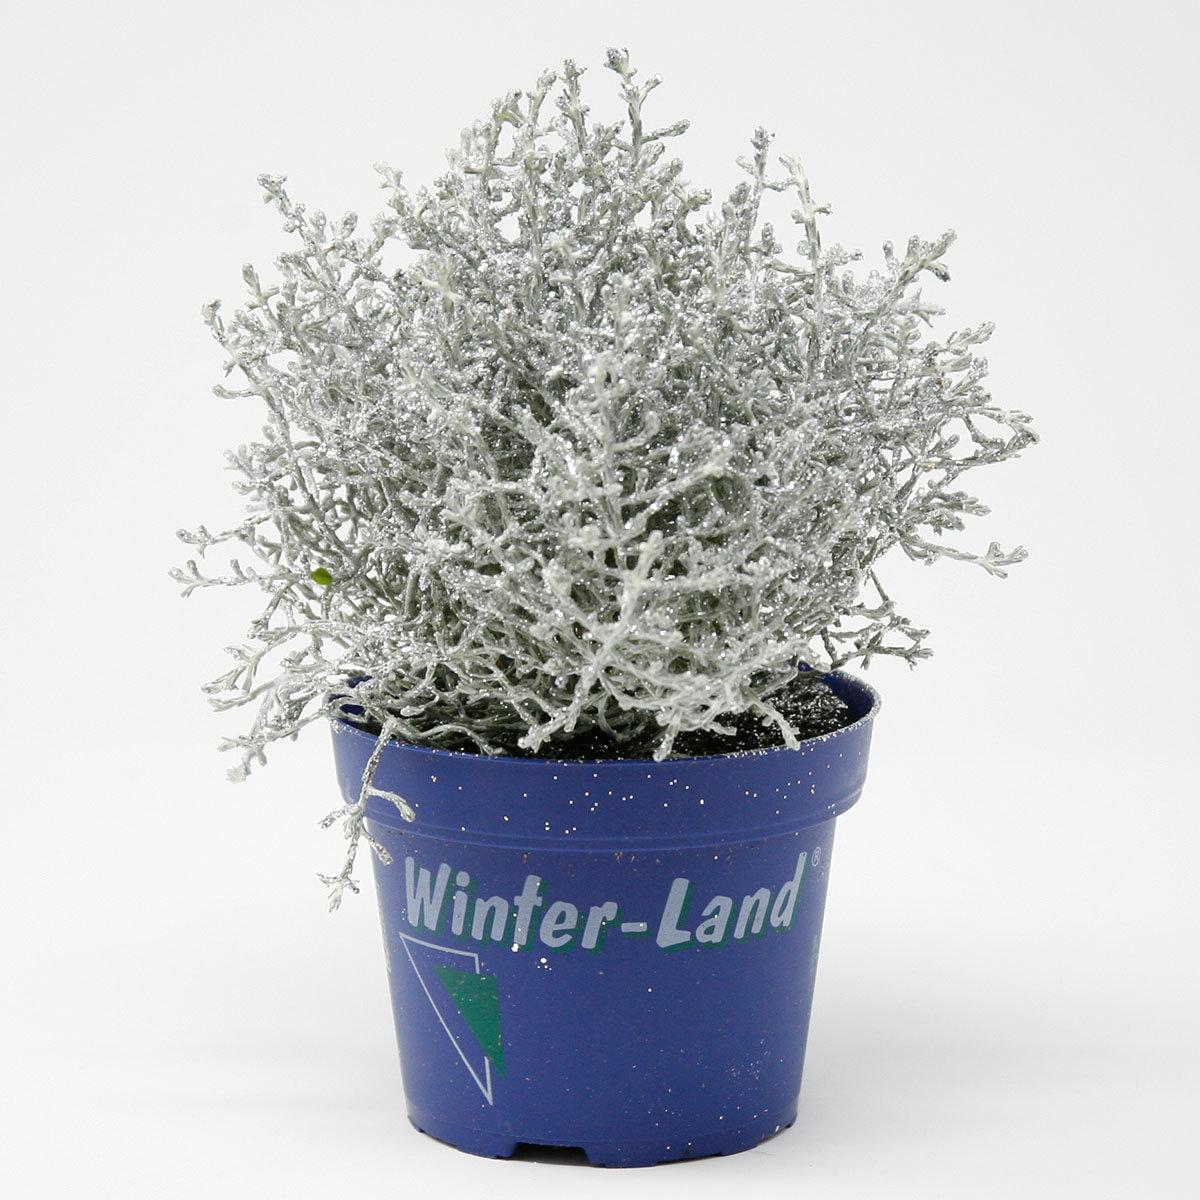 Silber glitzernde Stacheldrahtpflanze   #3